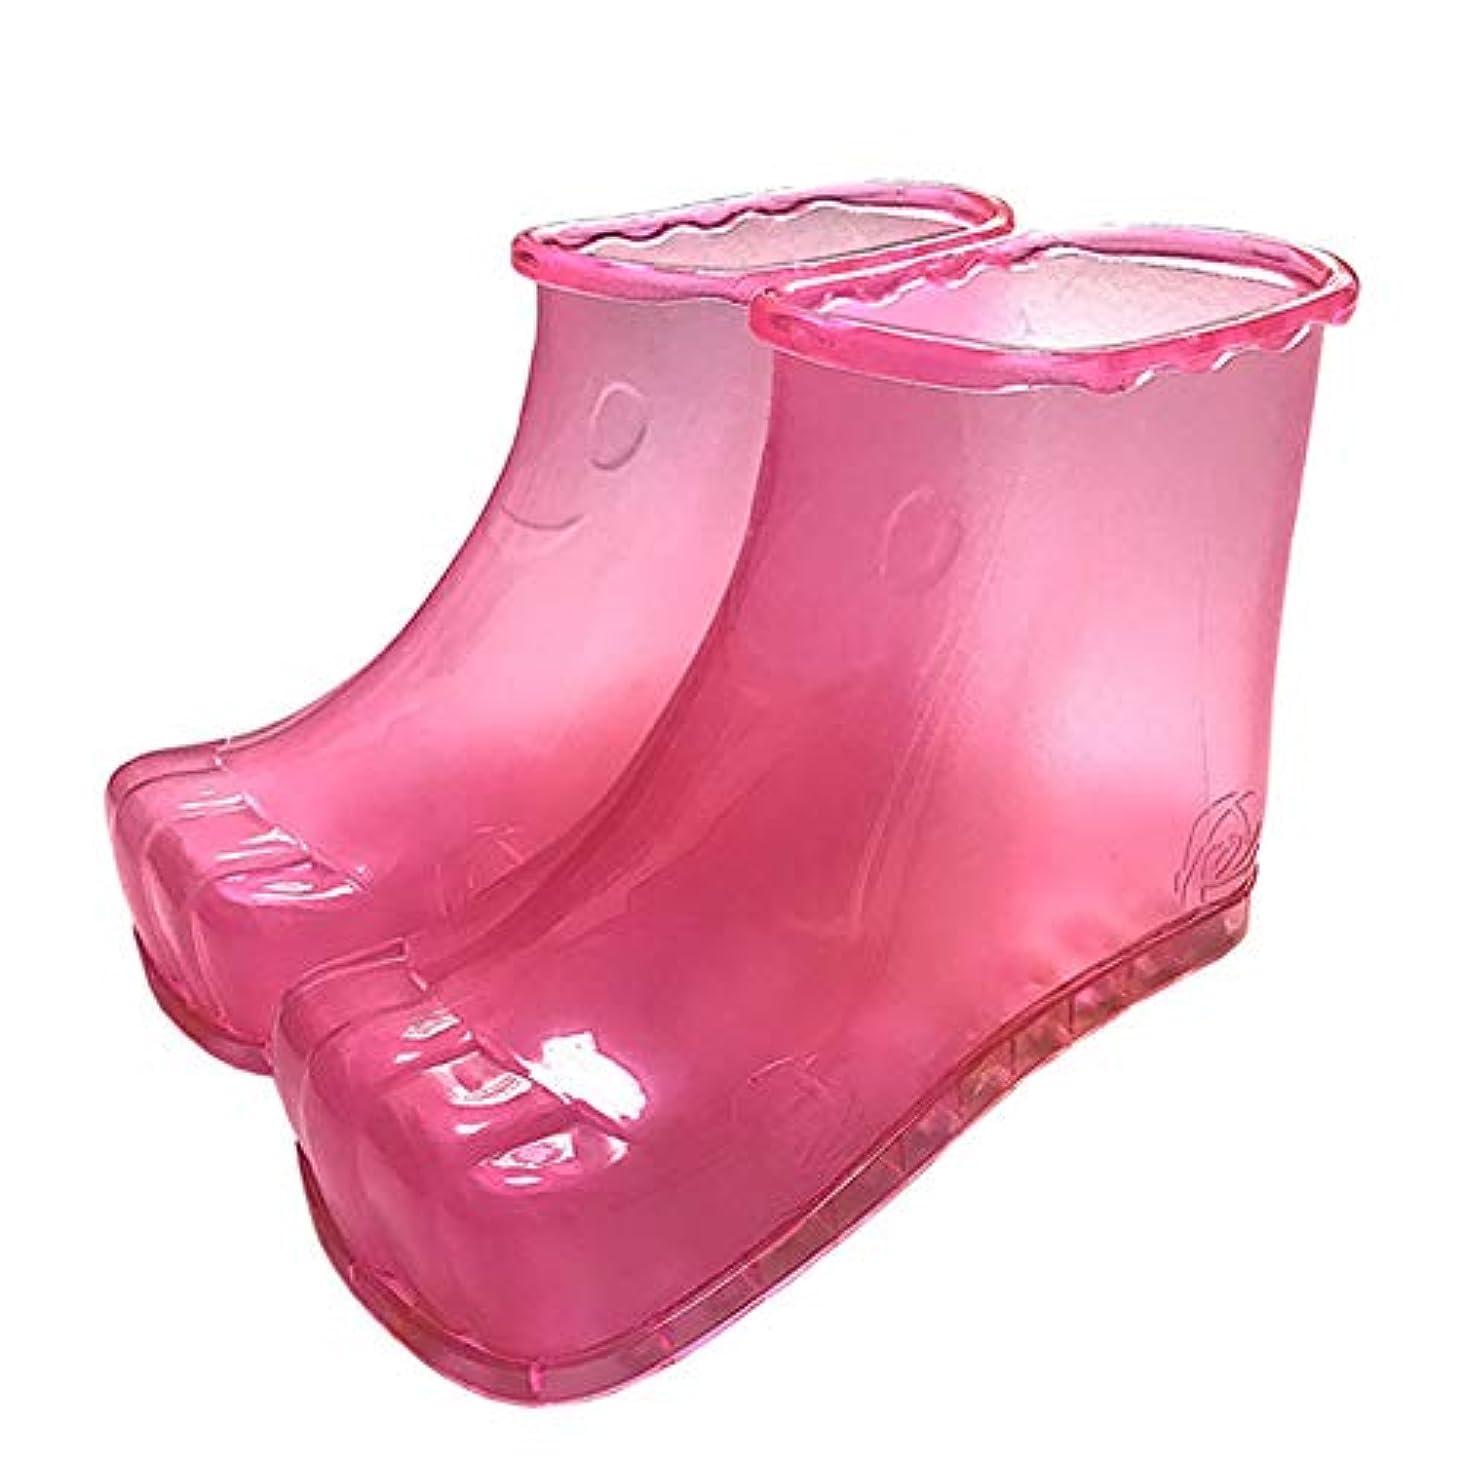 六分儀方法傑作BTFirst フットバスマッサージブーツスパホームリラクゼーションバケットブーツフットケアホットシューズ女性洗浄足ホームマッサージプラスチックフットバスフットバスシューズ足入浴足アーティファクト 実用的で丈夫